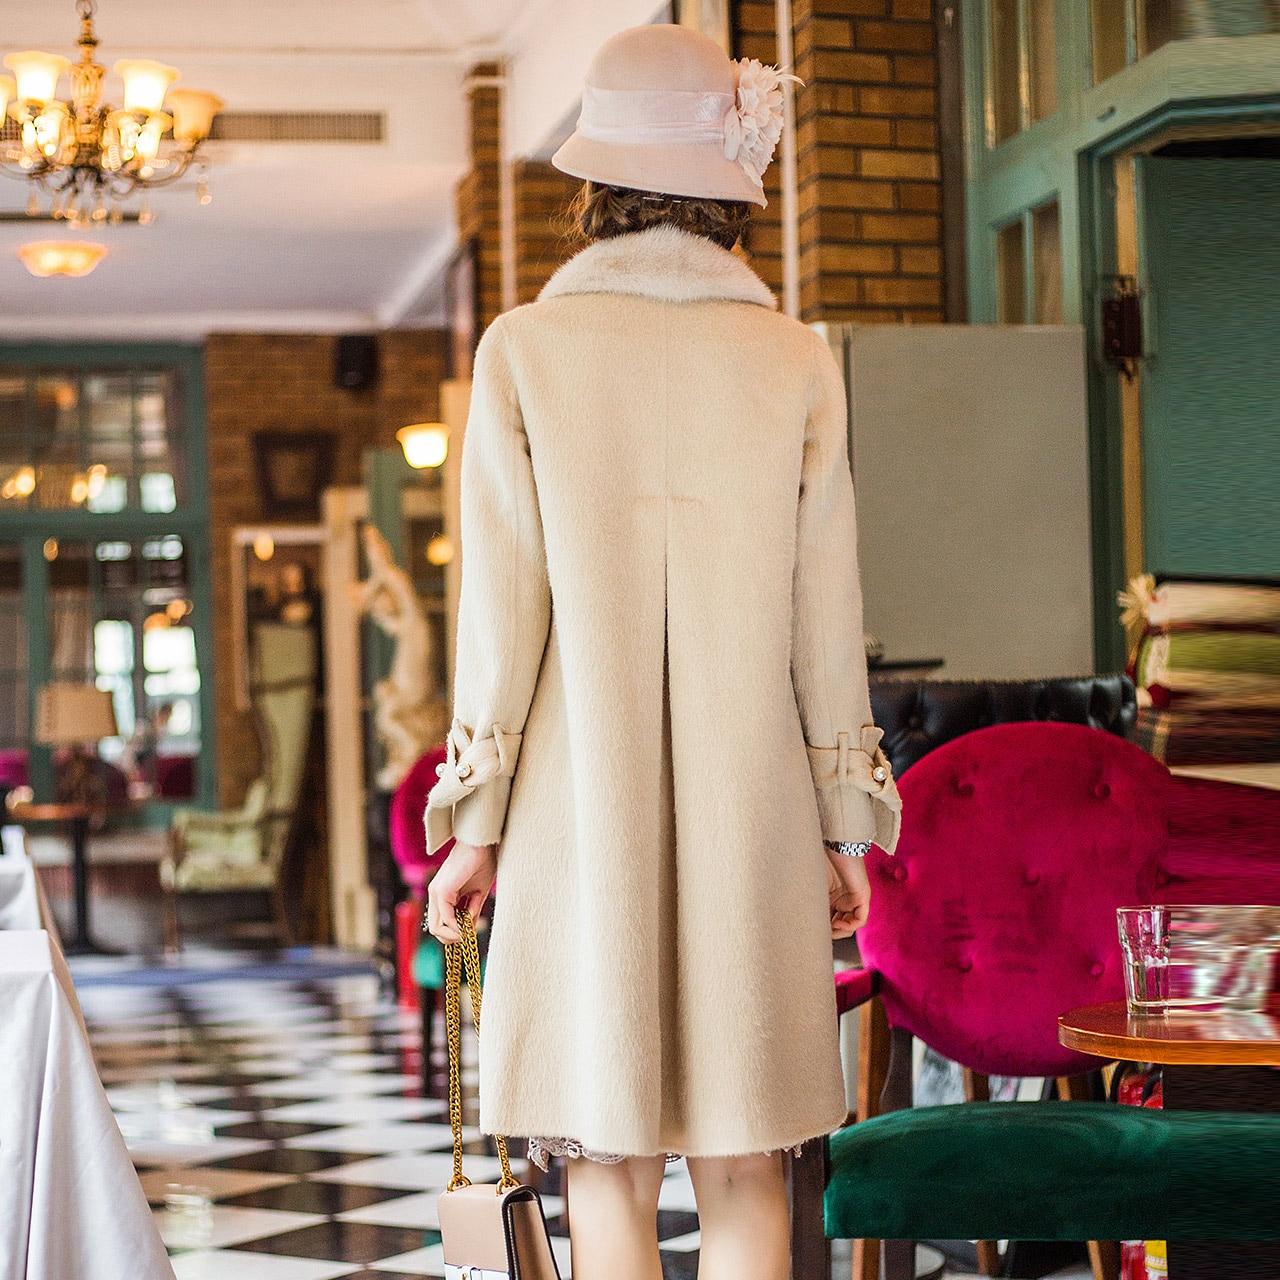 Femme Manteaux Laine Ivoire La Des De Veste D'hiver Mouton Femmes Vraie Manteau camel Vestes Fourrure 7Fnw5